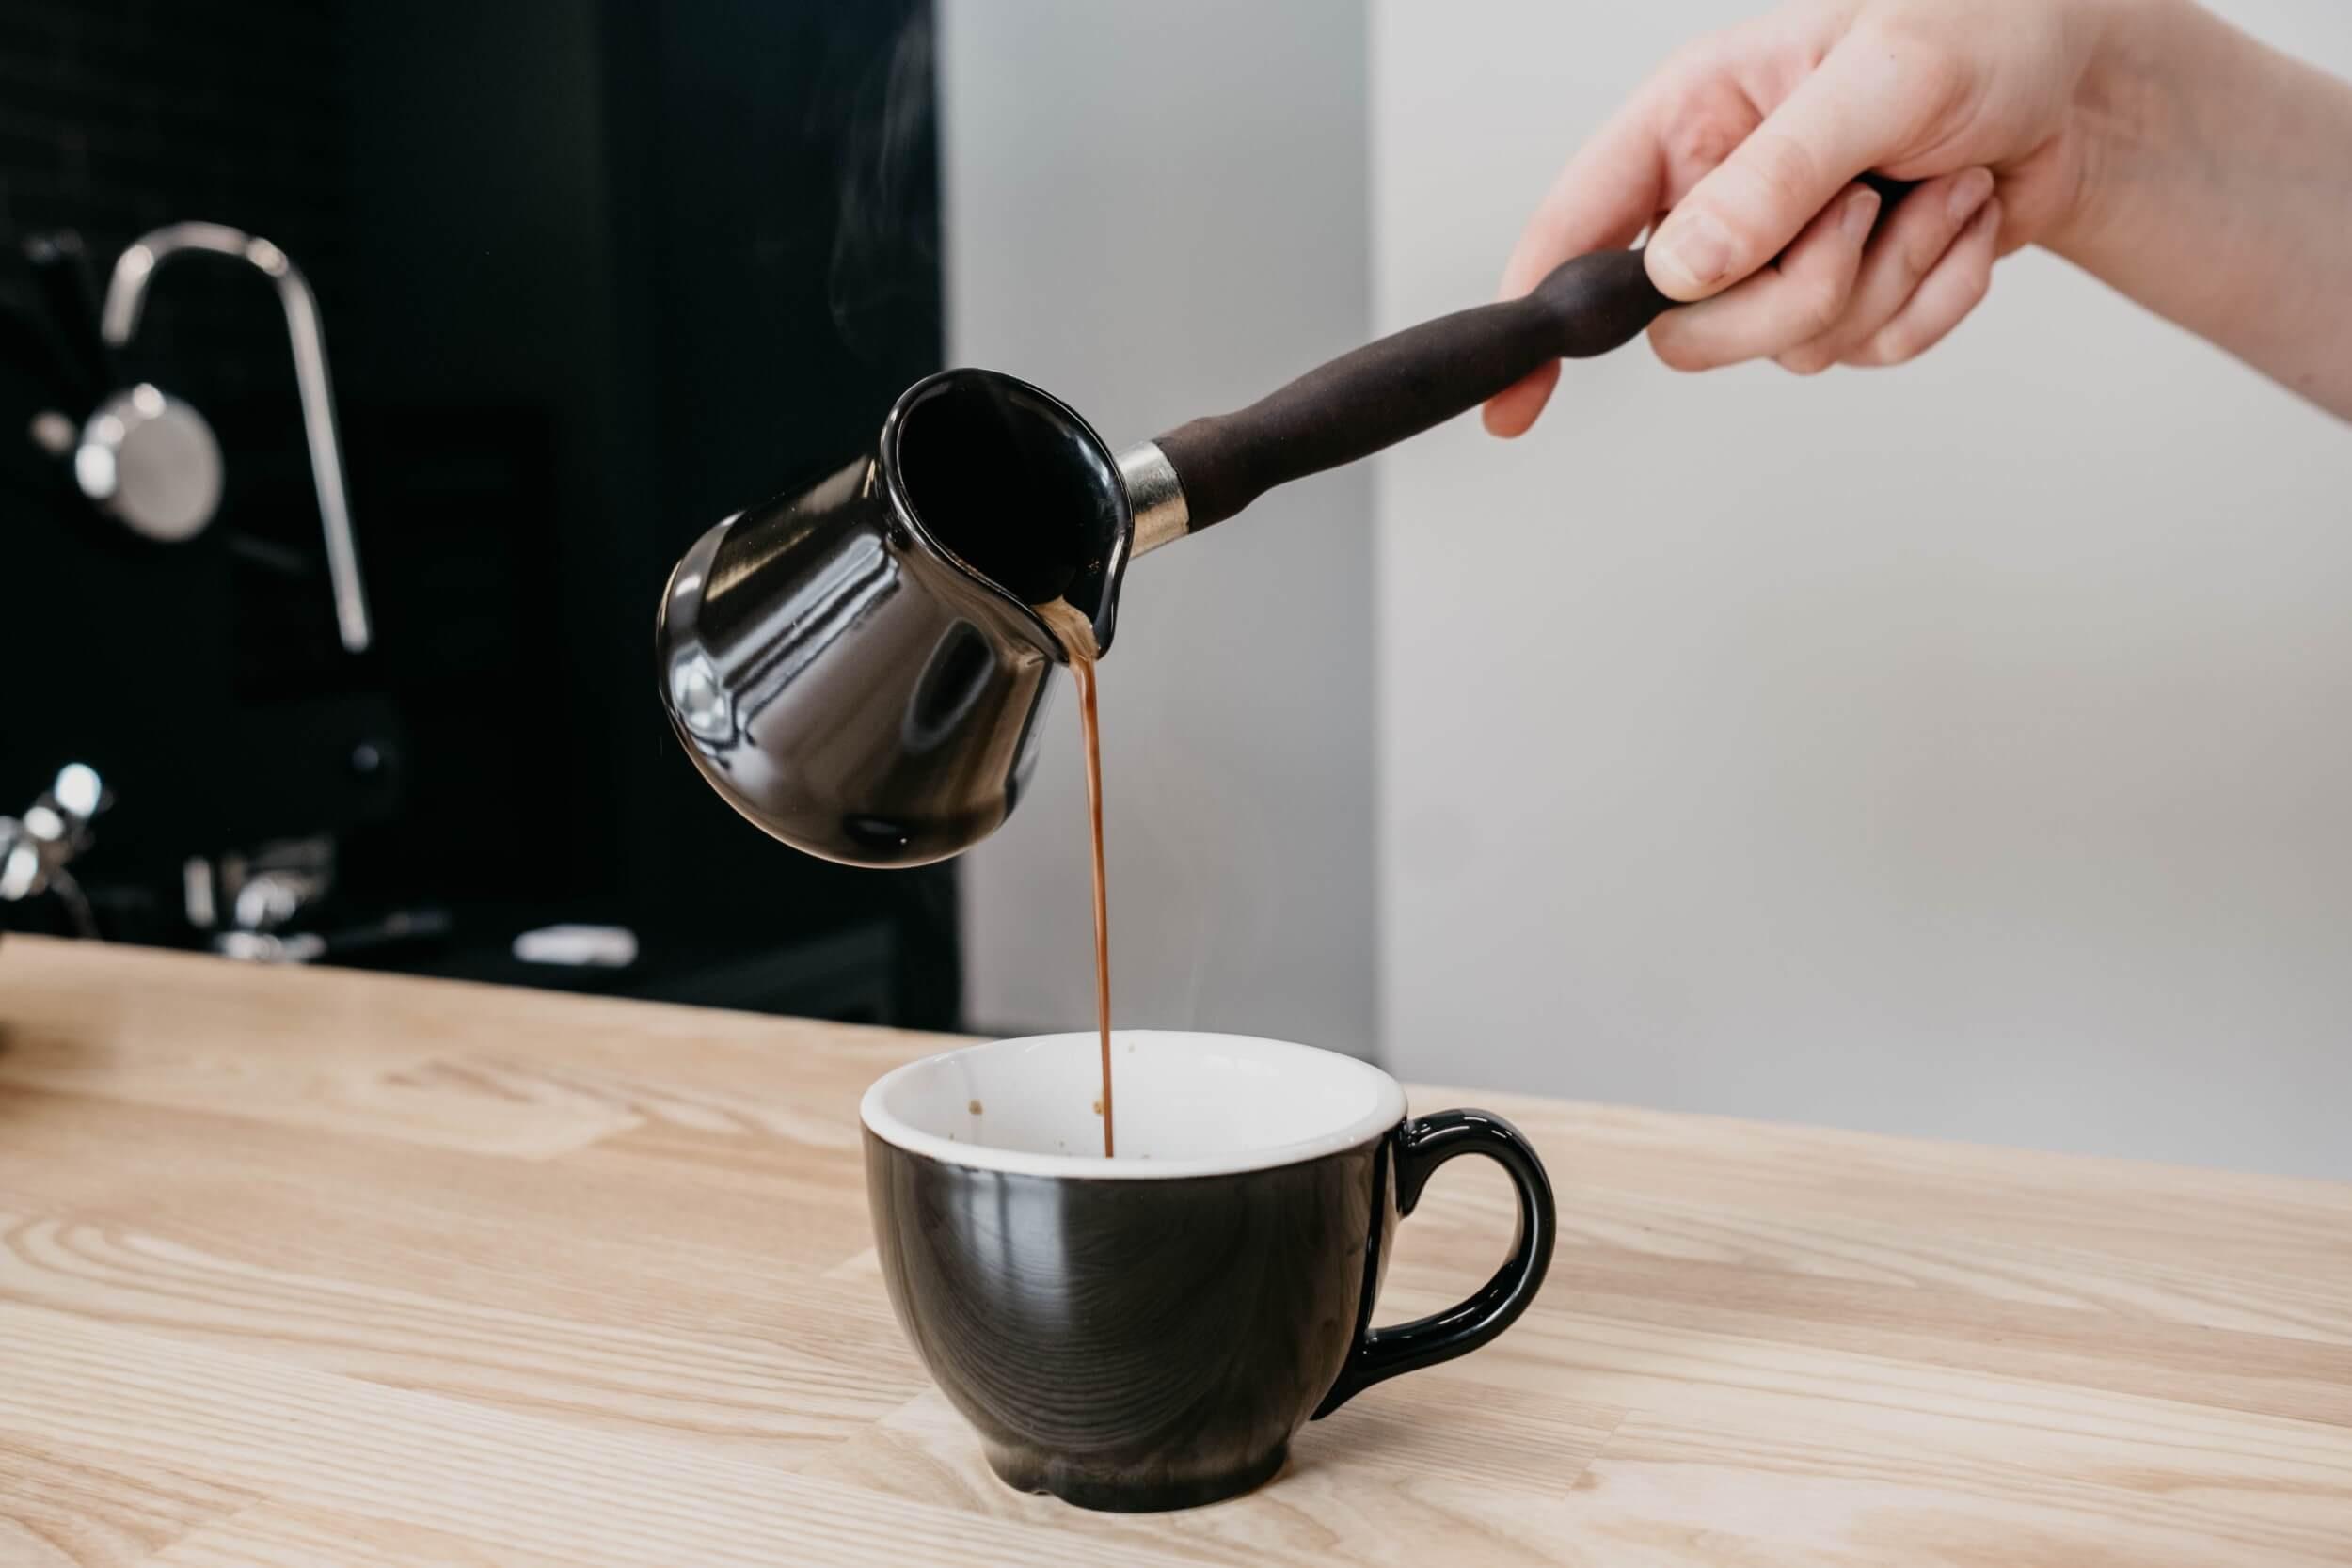 прикольная картинка как варить кофе многих садоводов